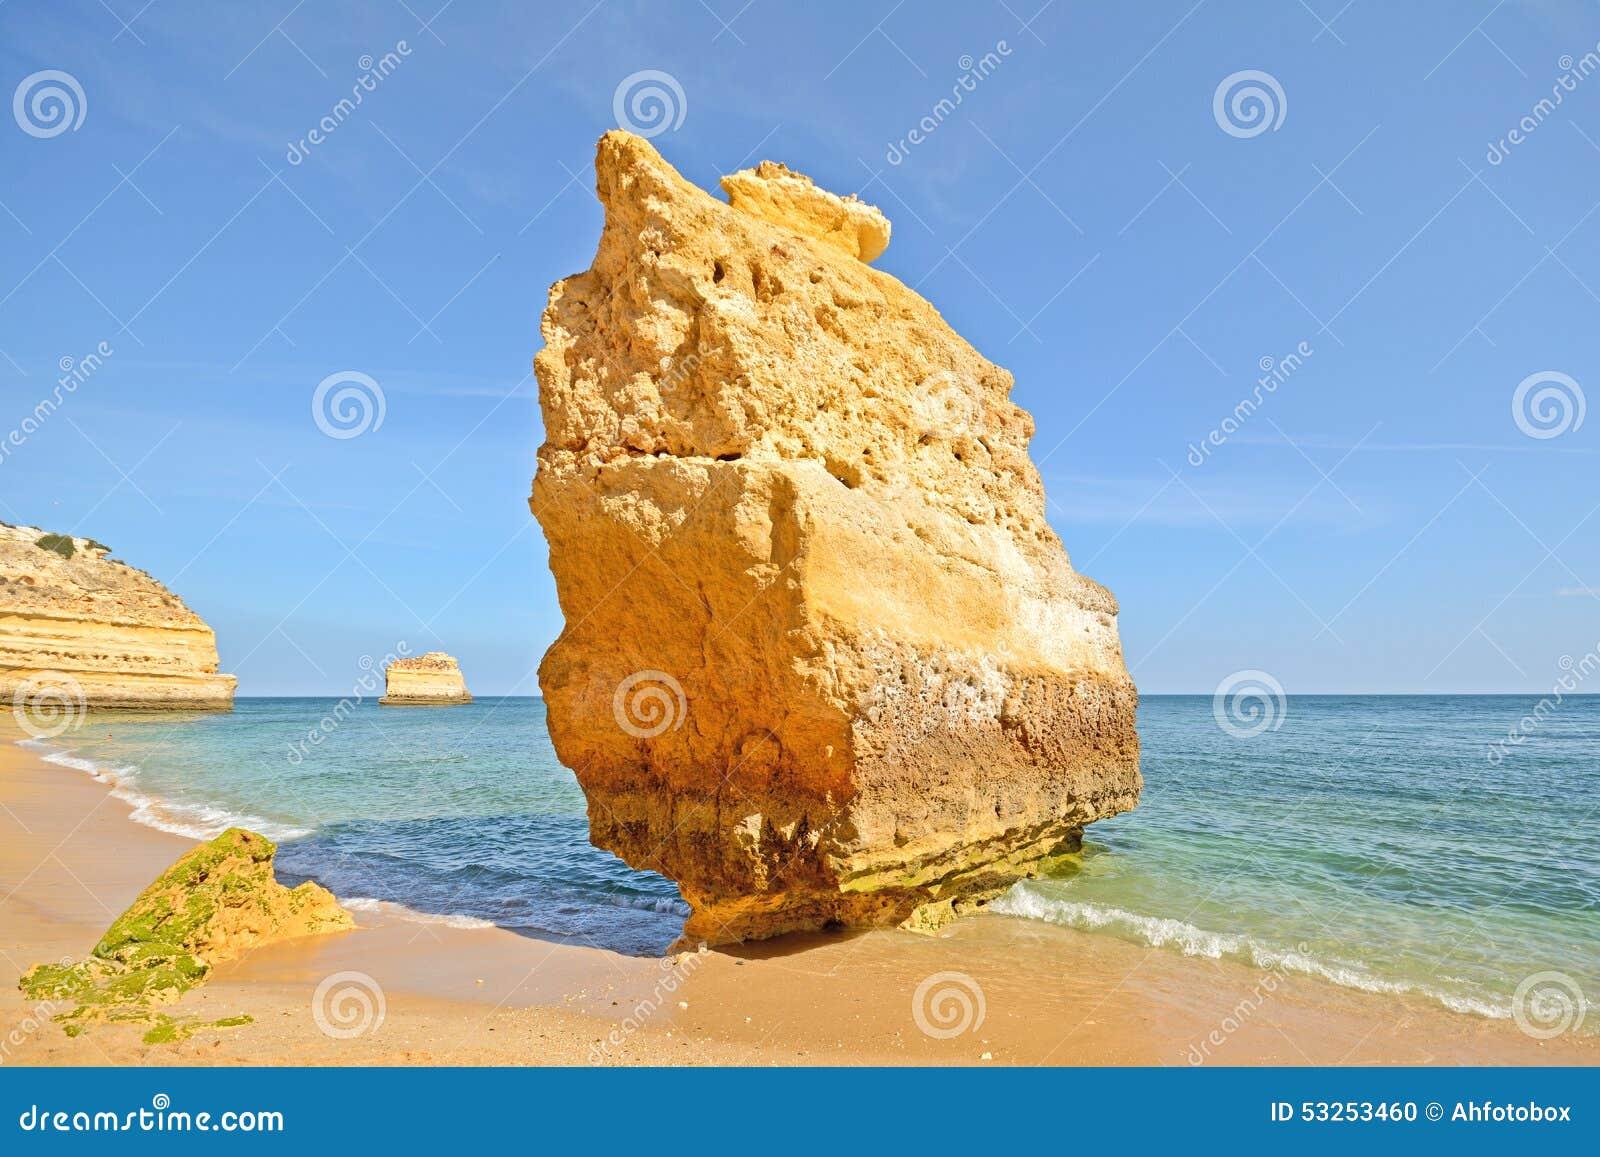 Roche énorme à la plage de falaise du Praia DA Marinha, belle plage cachée près de Lagoa Algarve Portugal